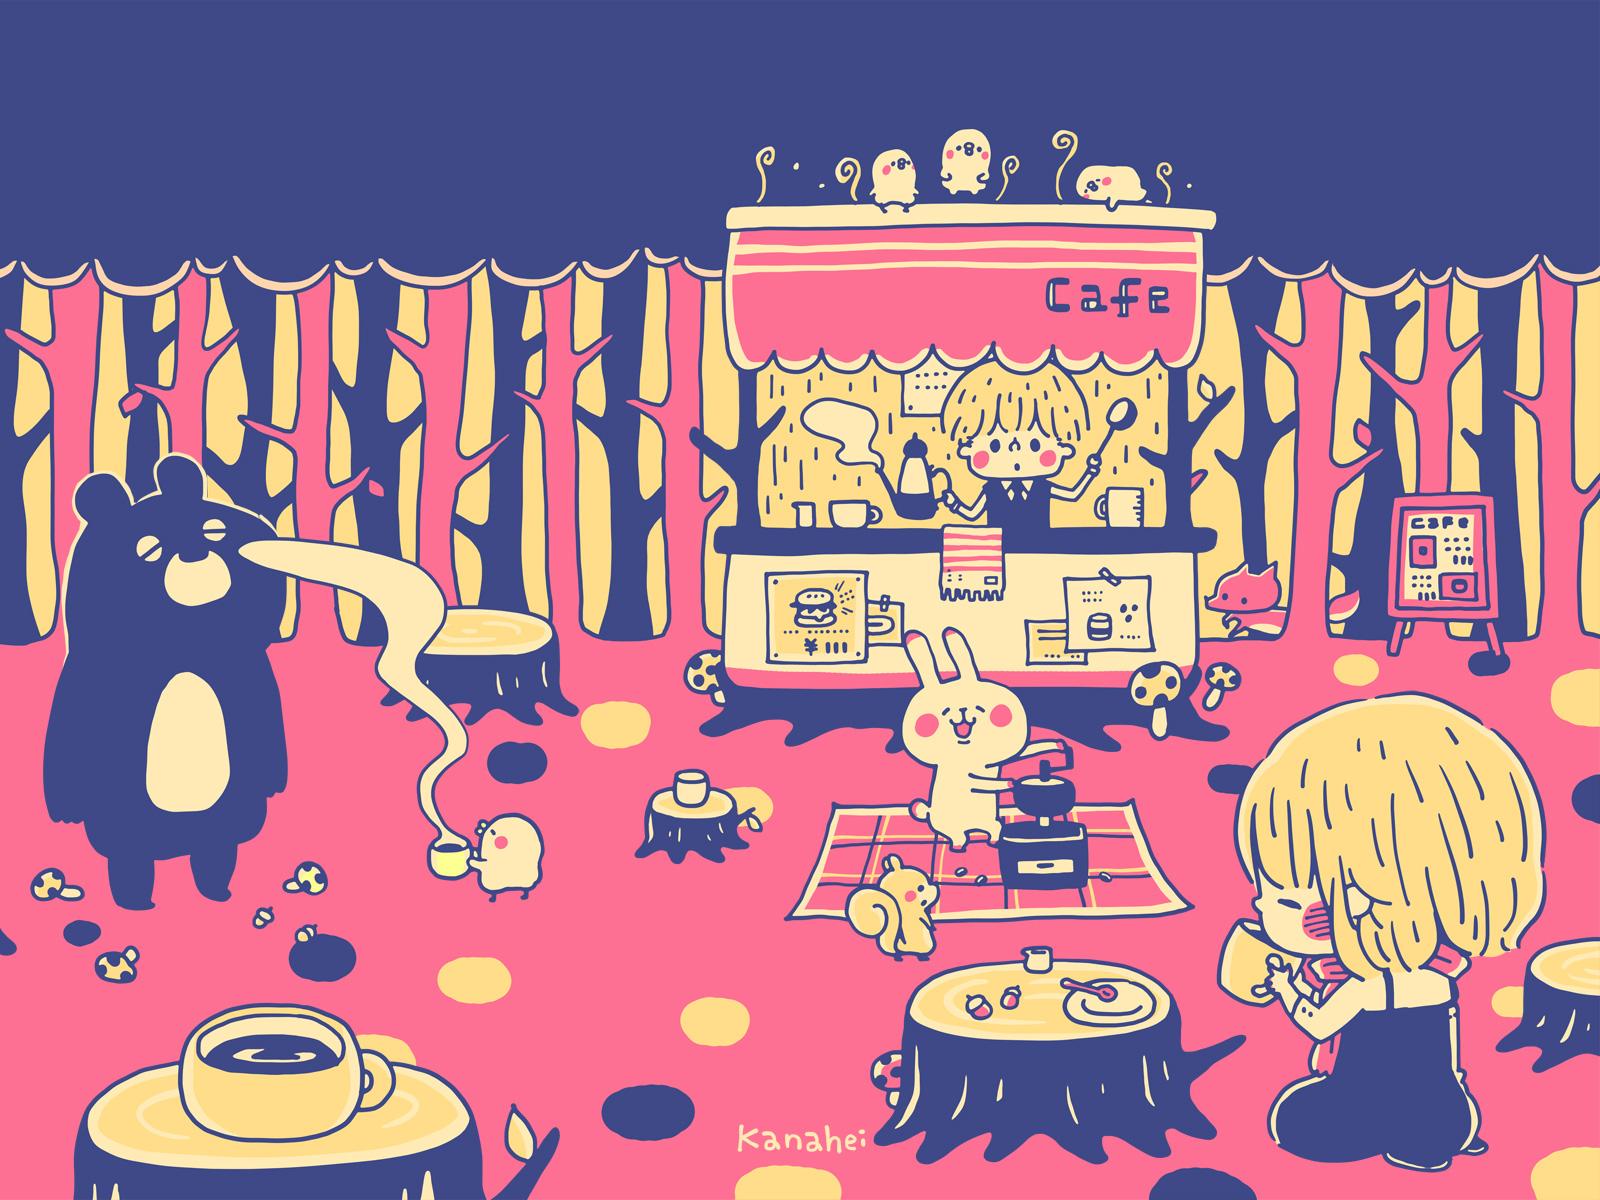 森カフェ3 カナヘイの隠れ家 : かわいいカレンダー : カレンダー